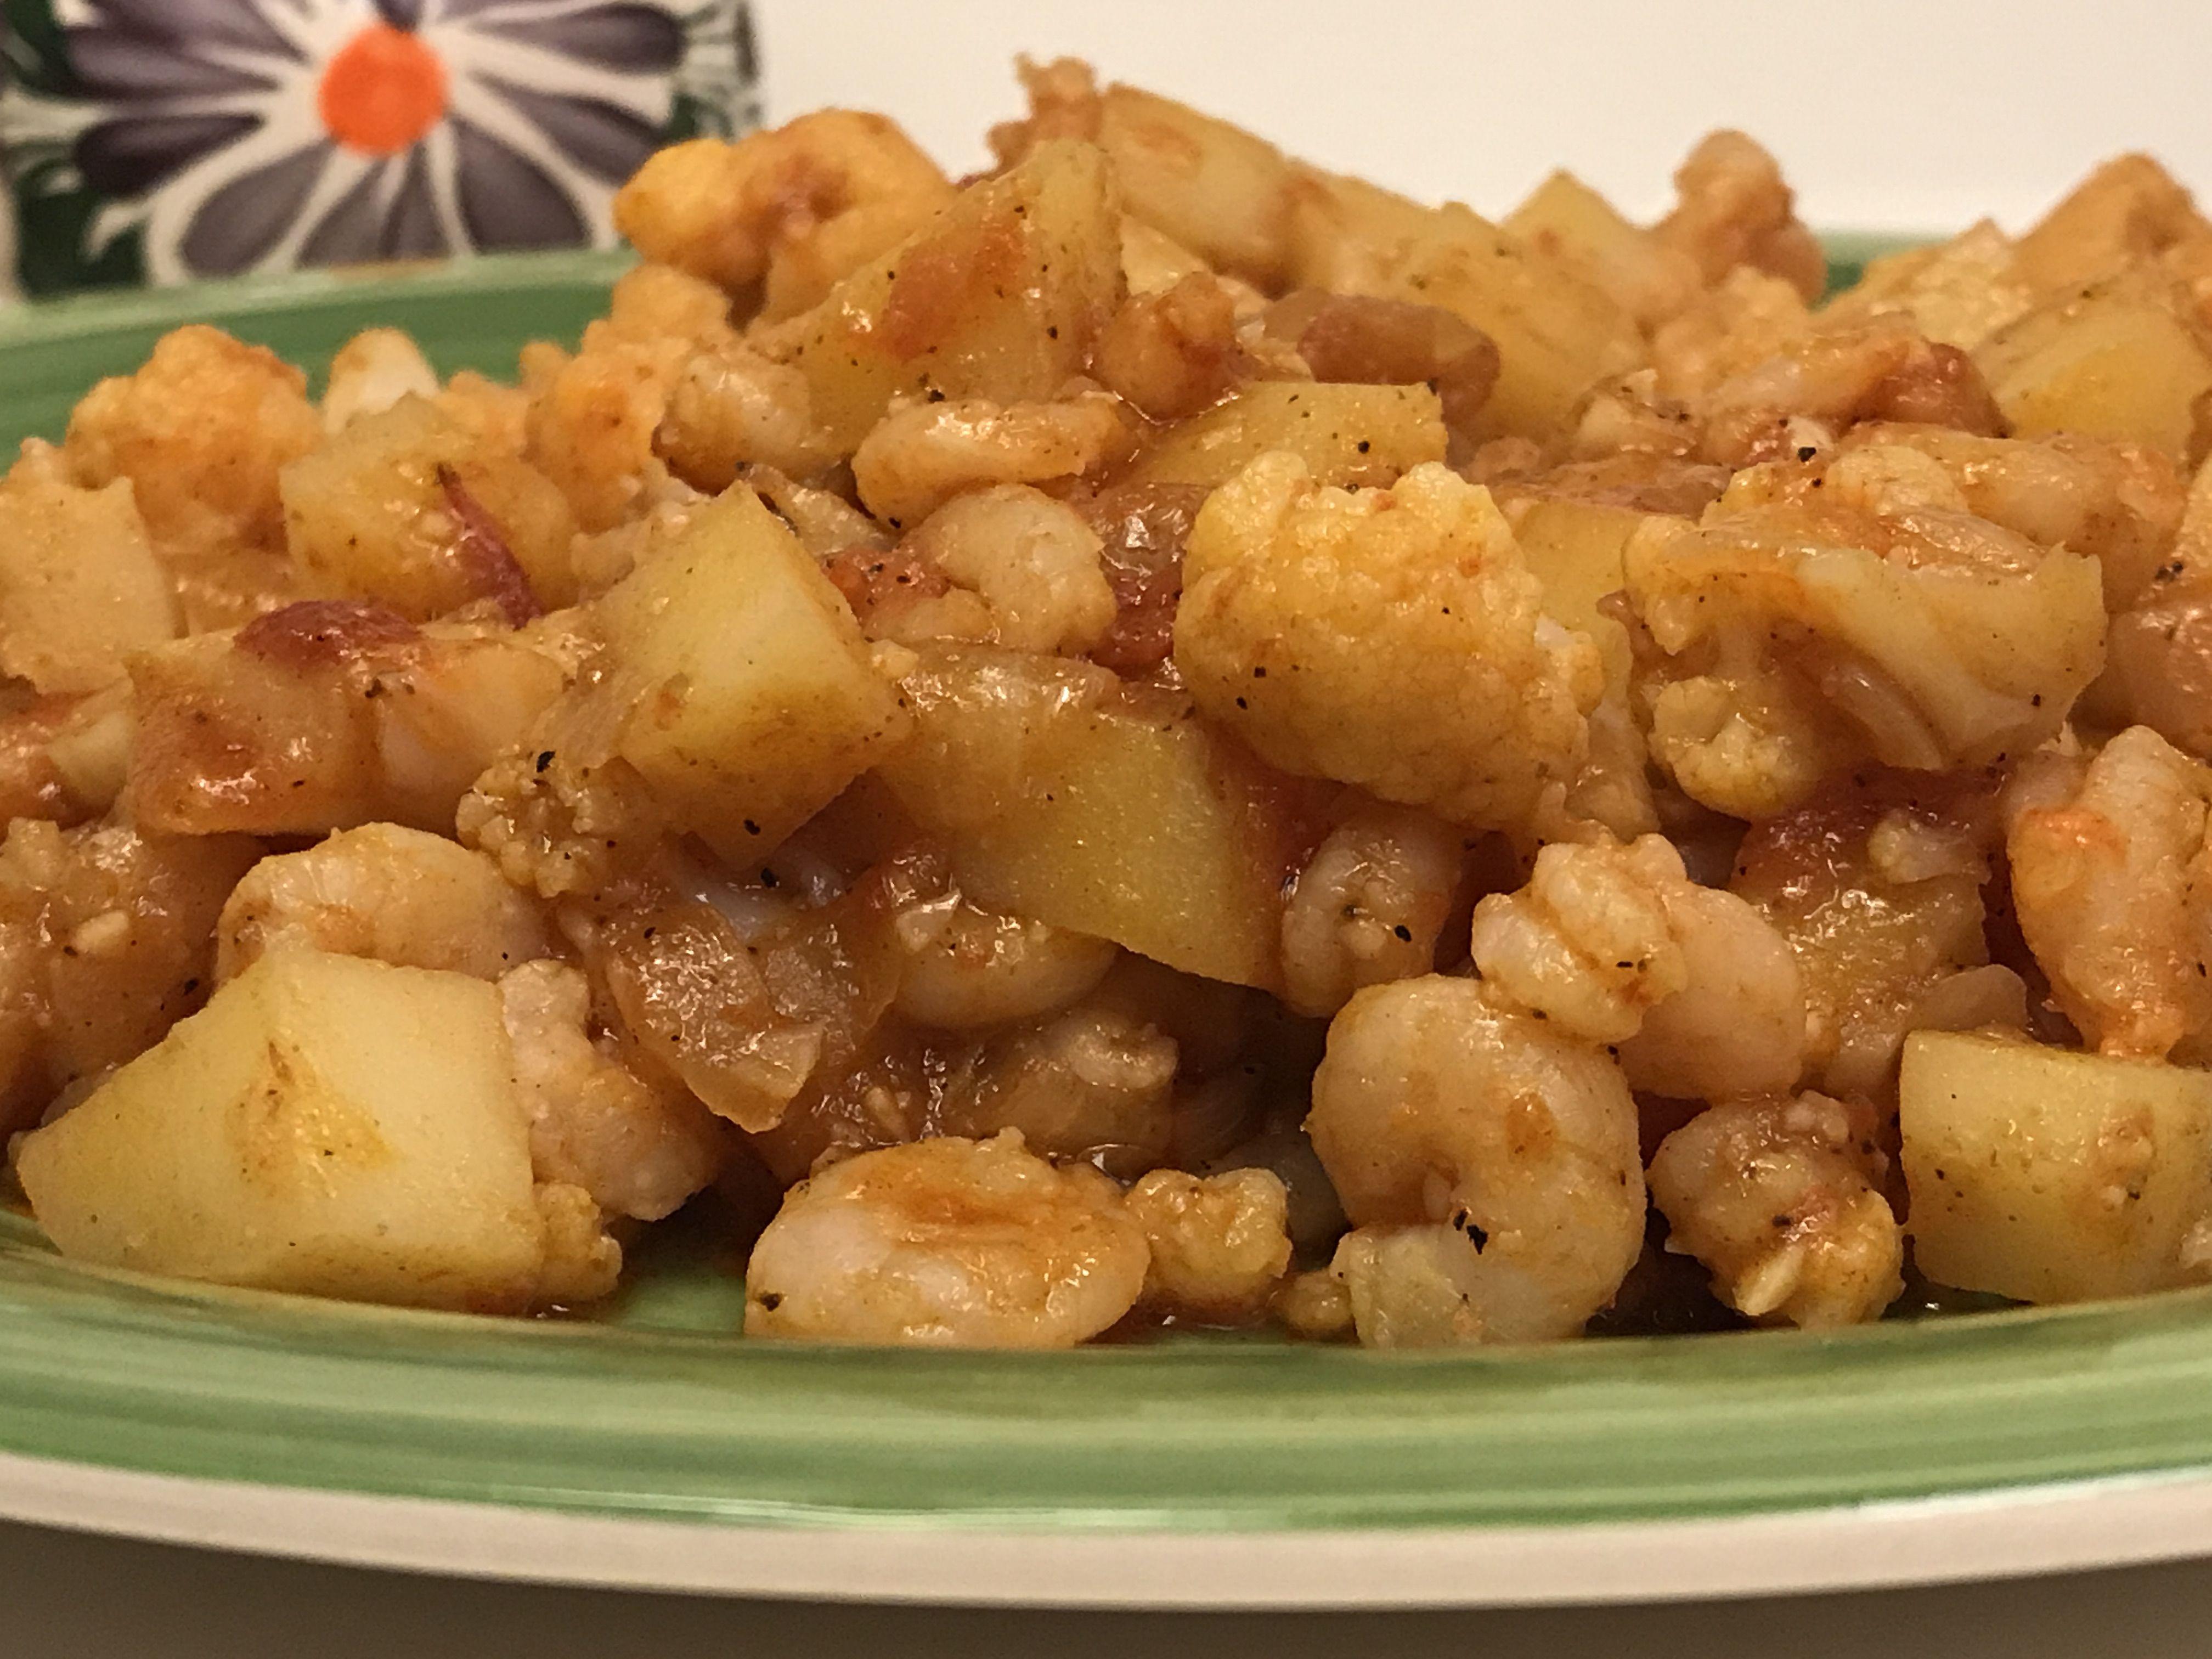 طبيخ البطاط مع القرنبيط الزهرة والجمبري صحي وجد لذيذ Shrimp With Potatoes And Cauliflower I Foods Food Vegetables